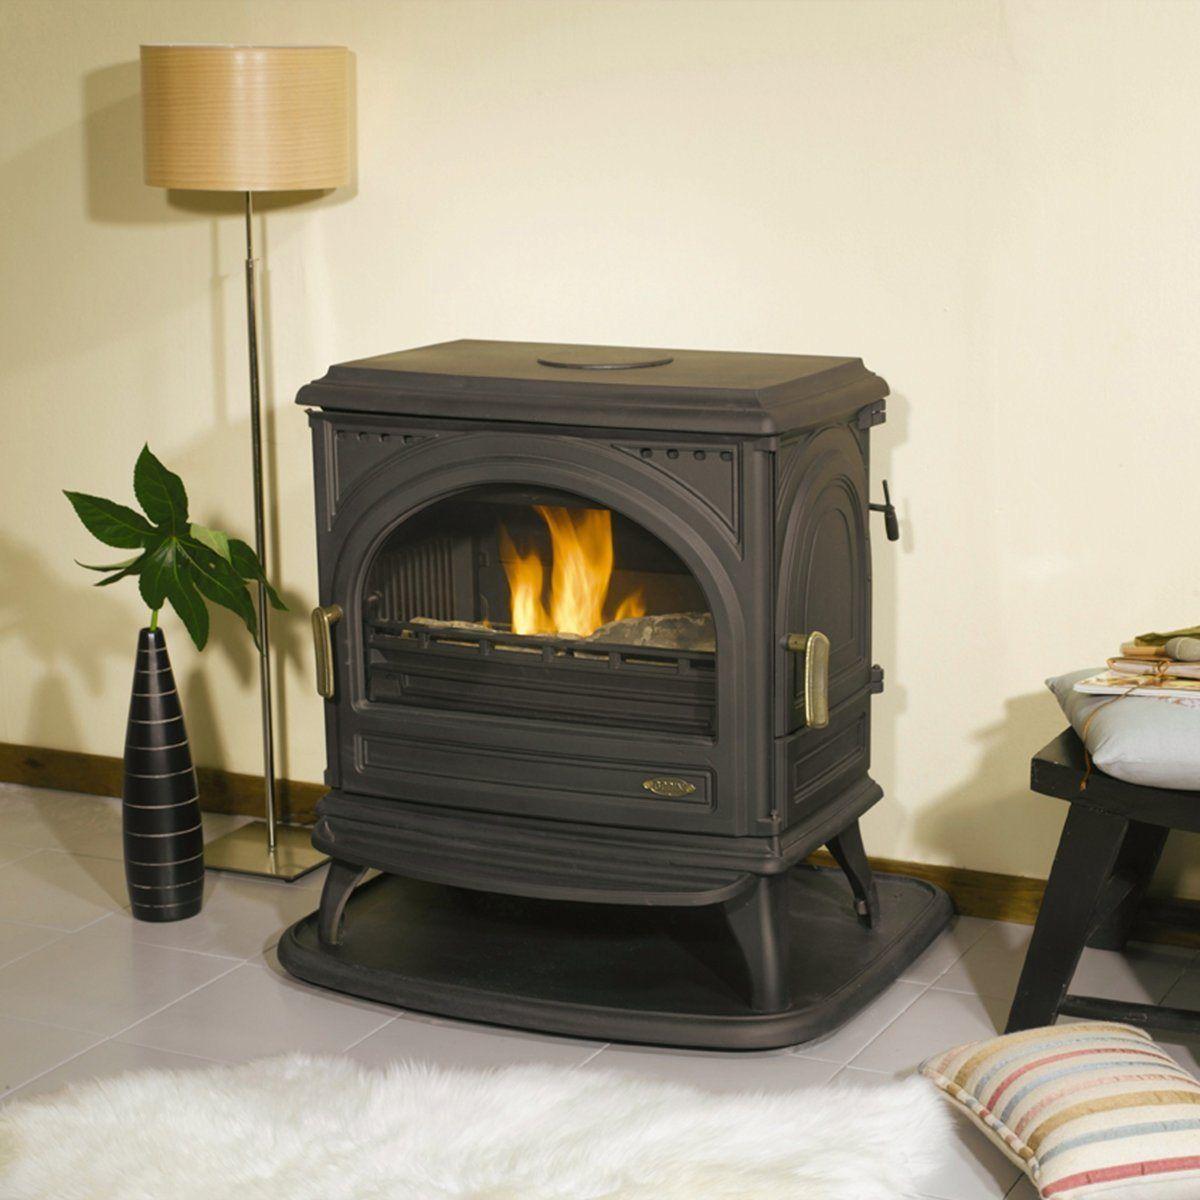 pergola la redoute guide duachat comment bien choisir sa pergola with pergola la redoute great. Black Bedroom Furniture Sets. Home Design Ideas